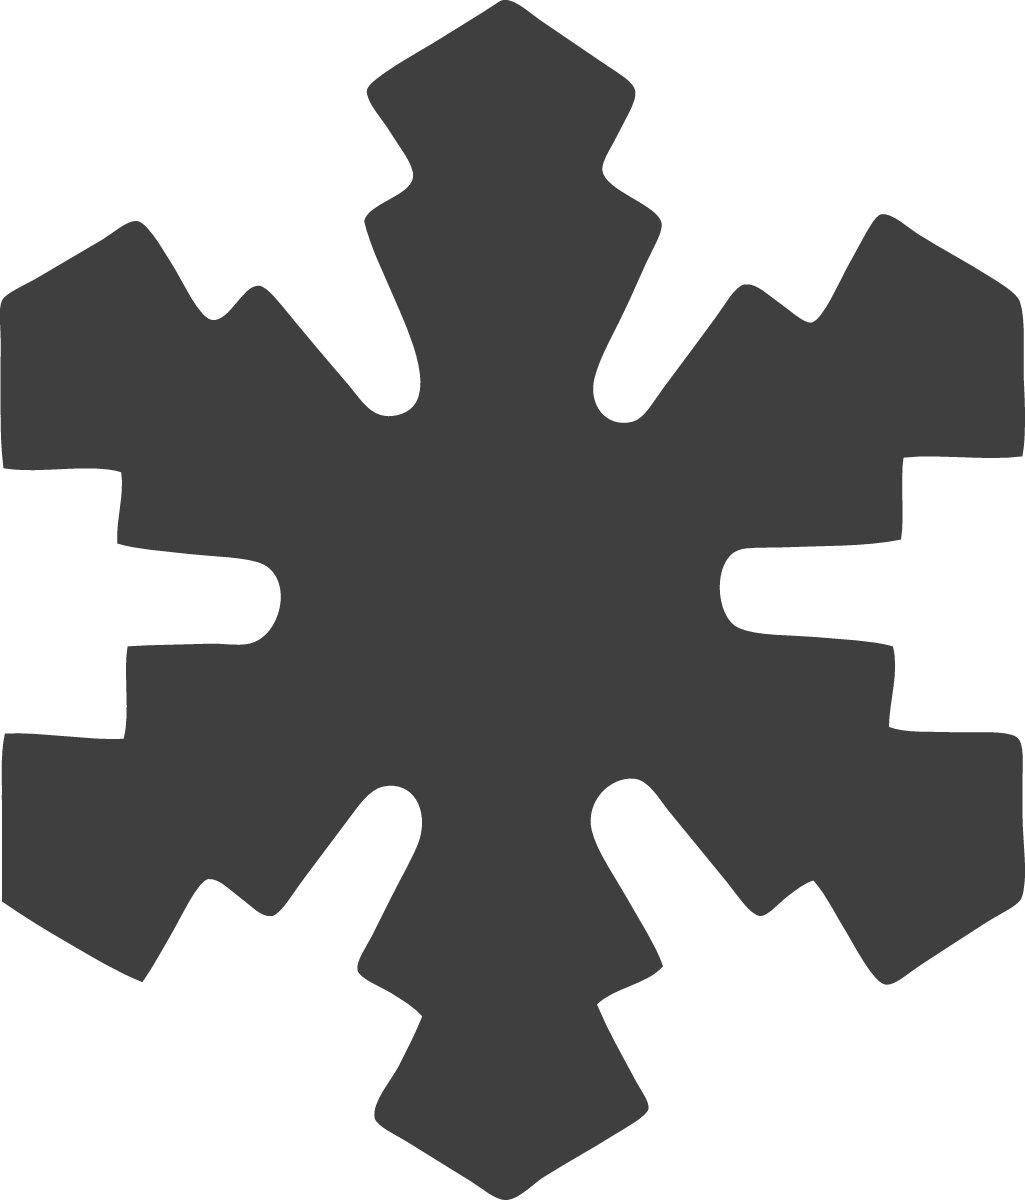 HEYDA 20-36874. Motiv 17mm Locher 60mm Hebel Motivstanzer Motiv:23 Stern voll